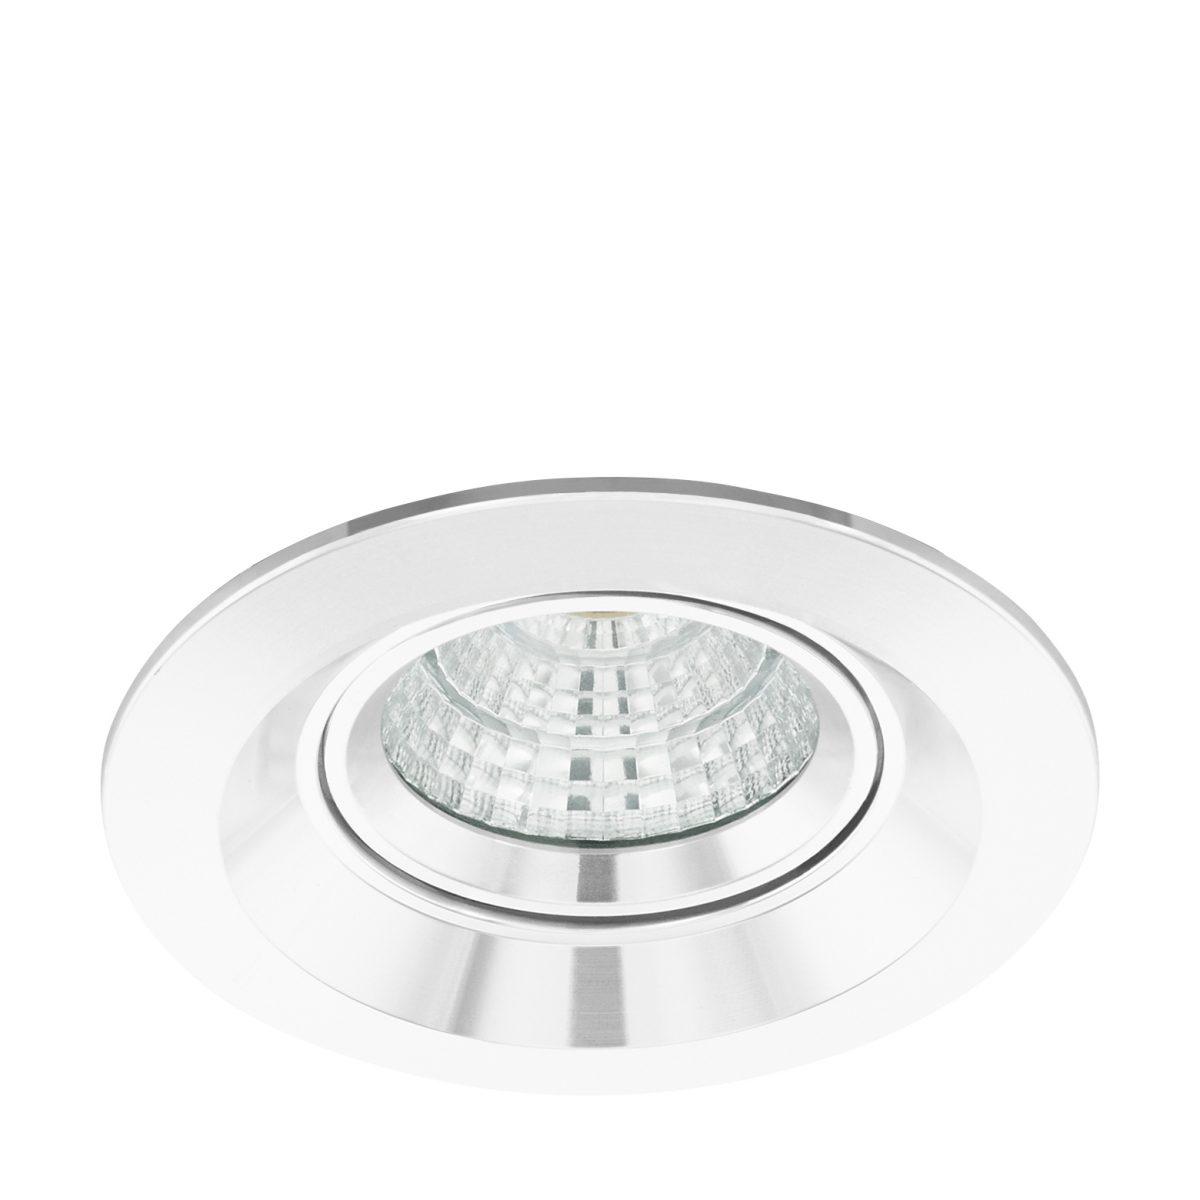 Светильник настенно-потолочный TALVERA P/PROFESSIO EGLO 61547 - Фото №28